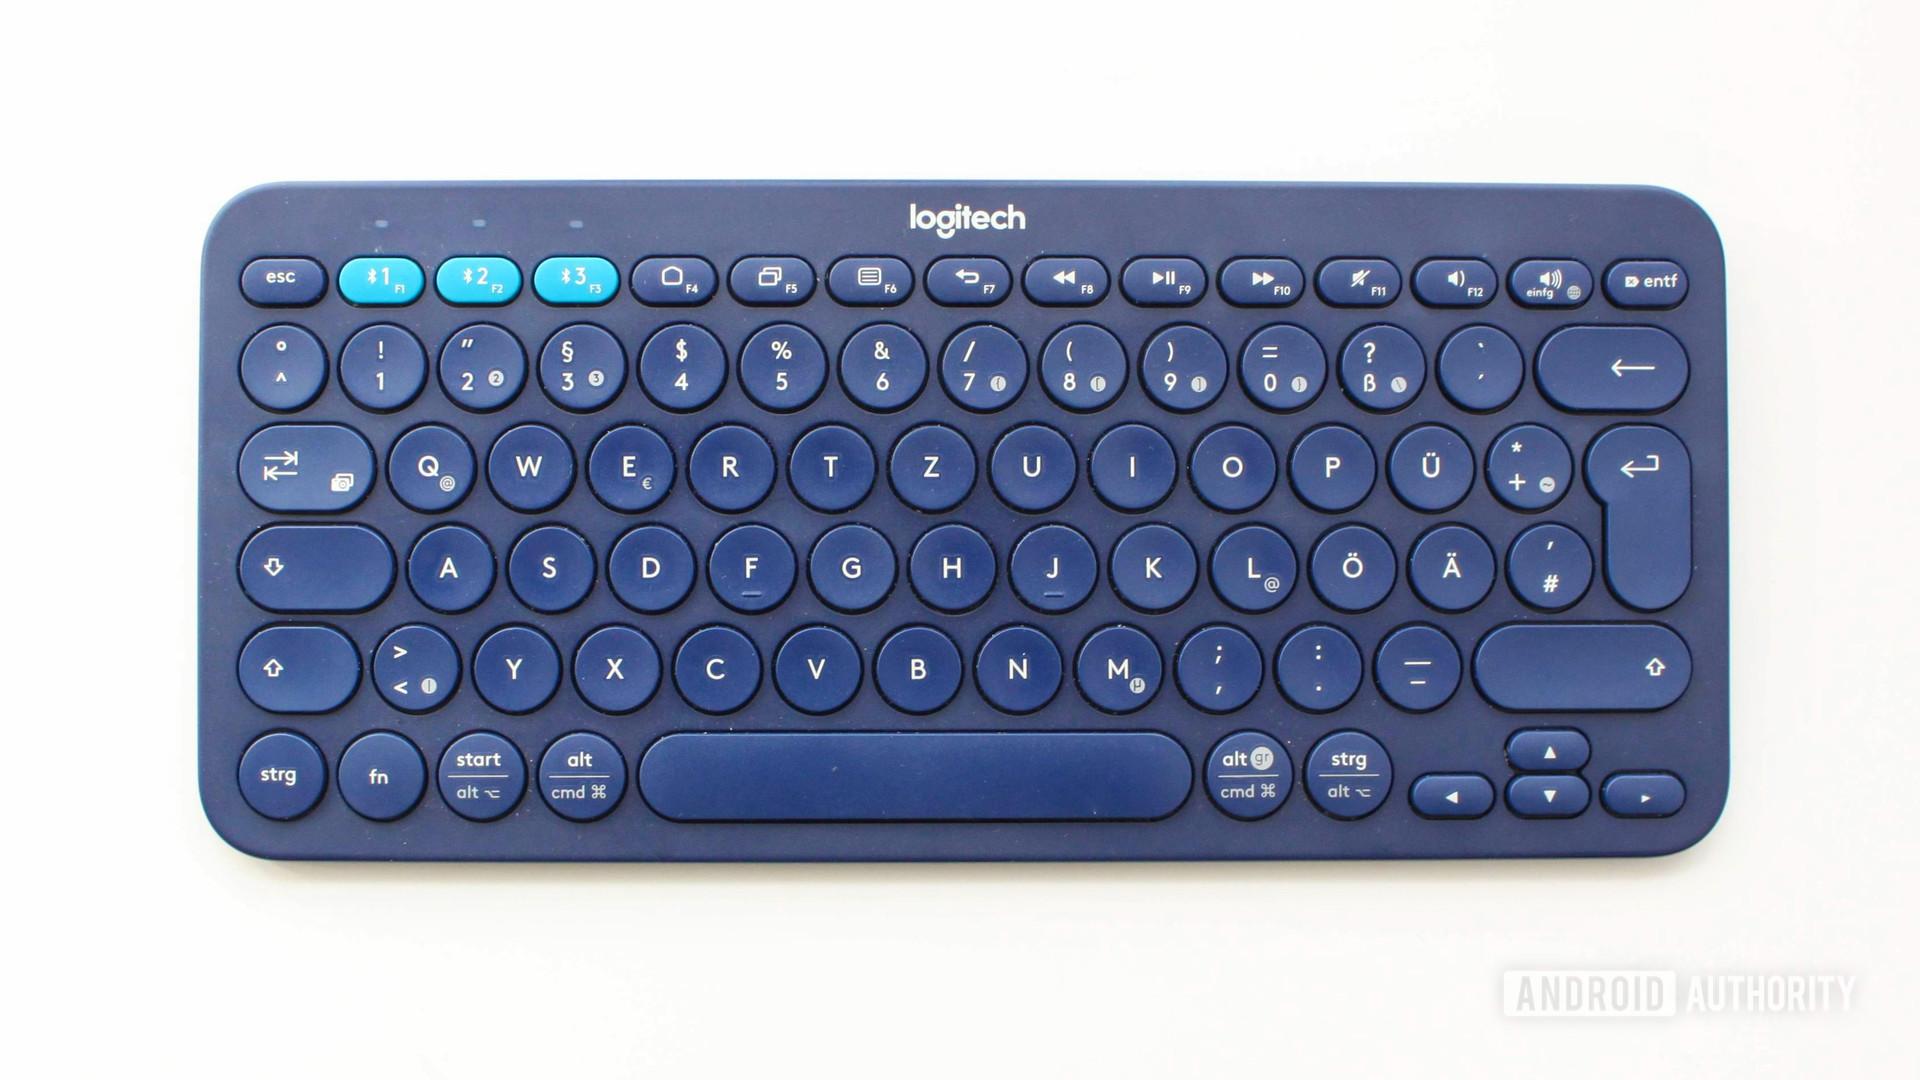 A logitech k380 keyboard in blue on a white table